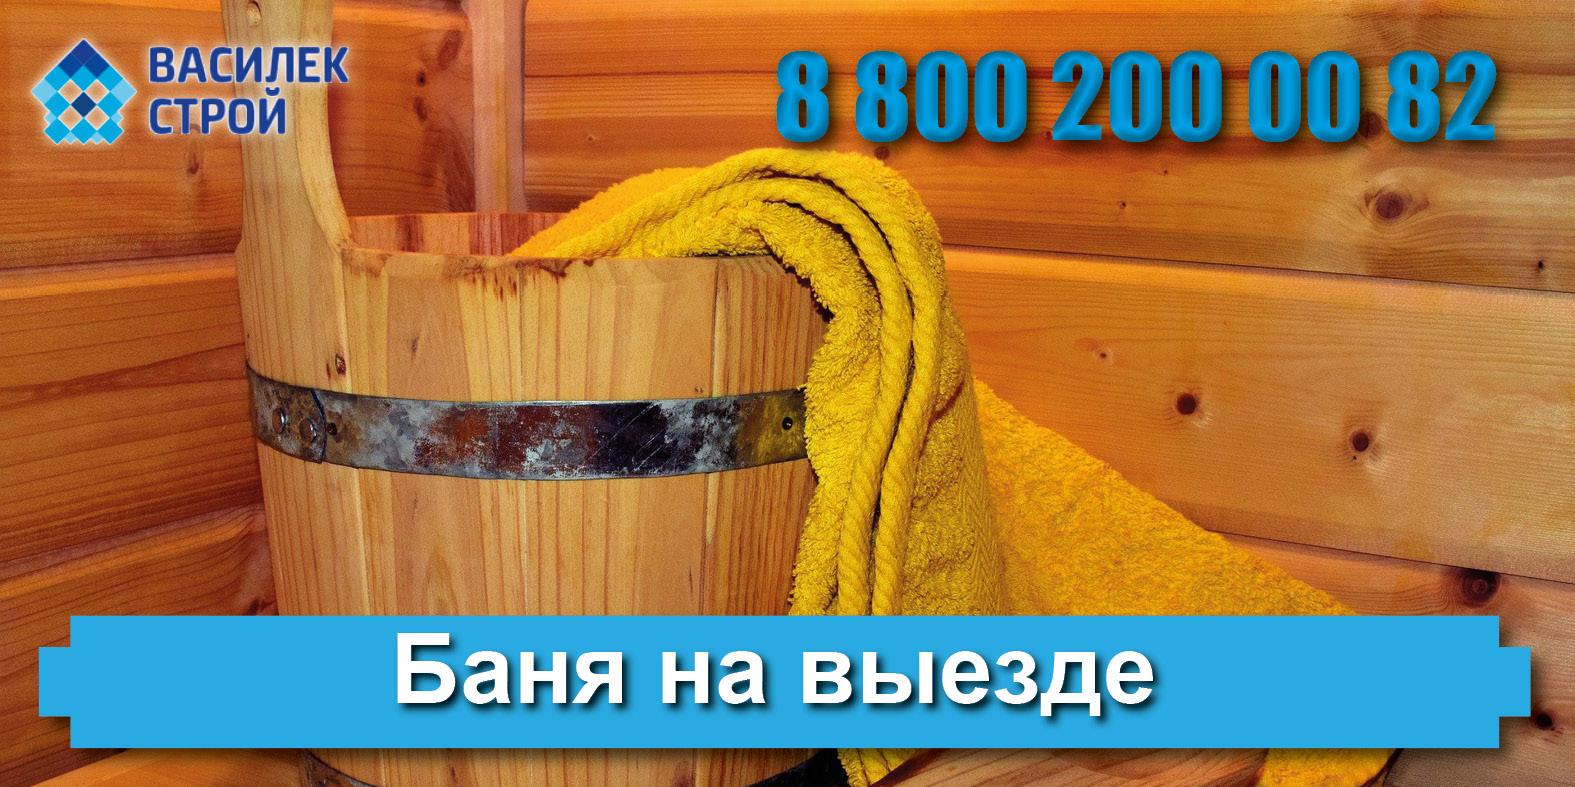 Зачем нужны готовые перевозные бани: где производится продажа готовых бань. Что собой представляет баня готовая перевозная